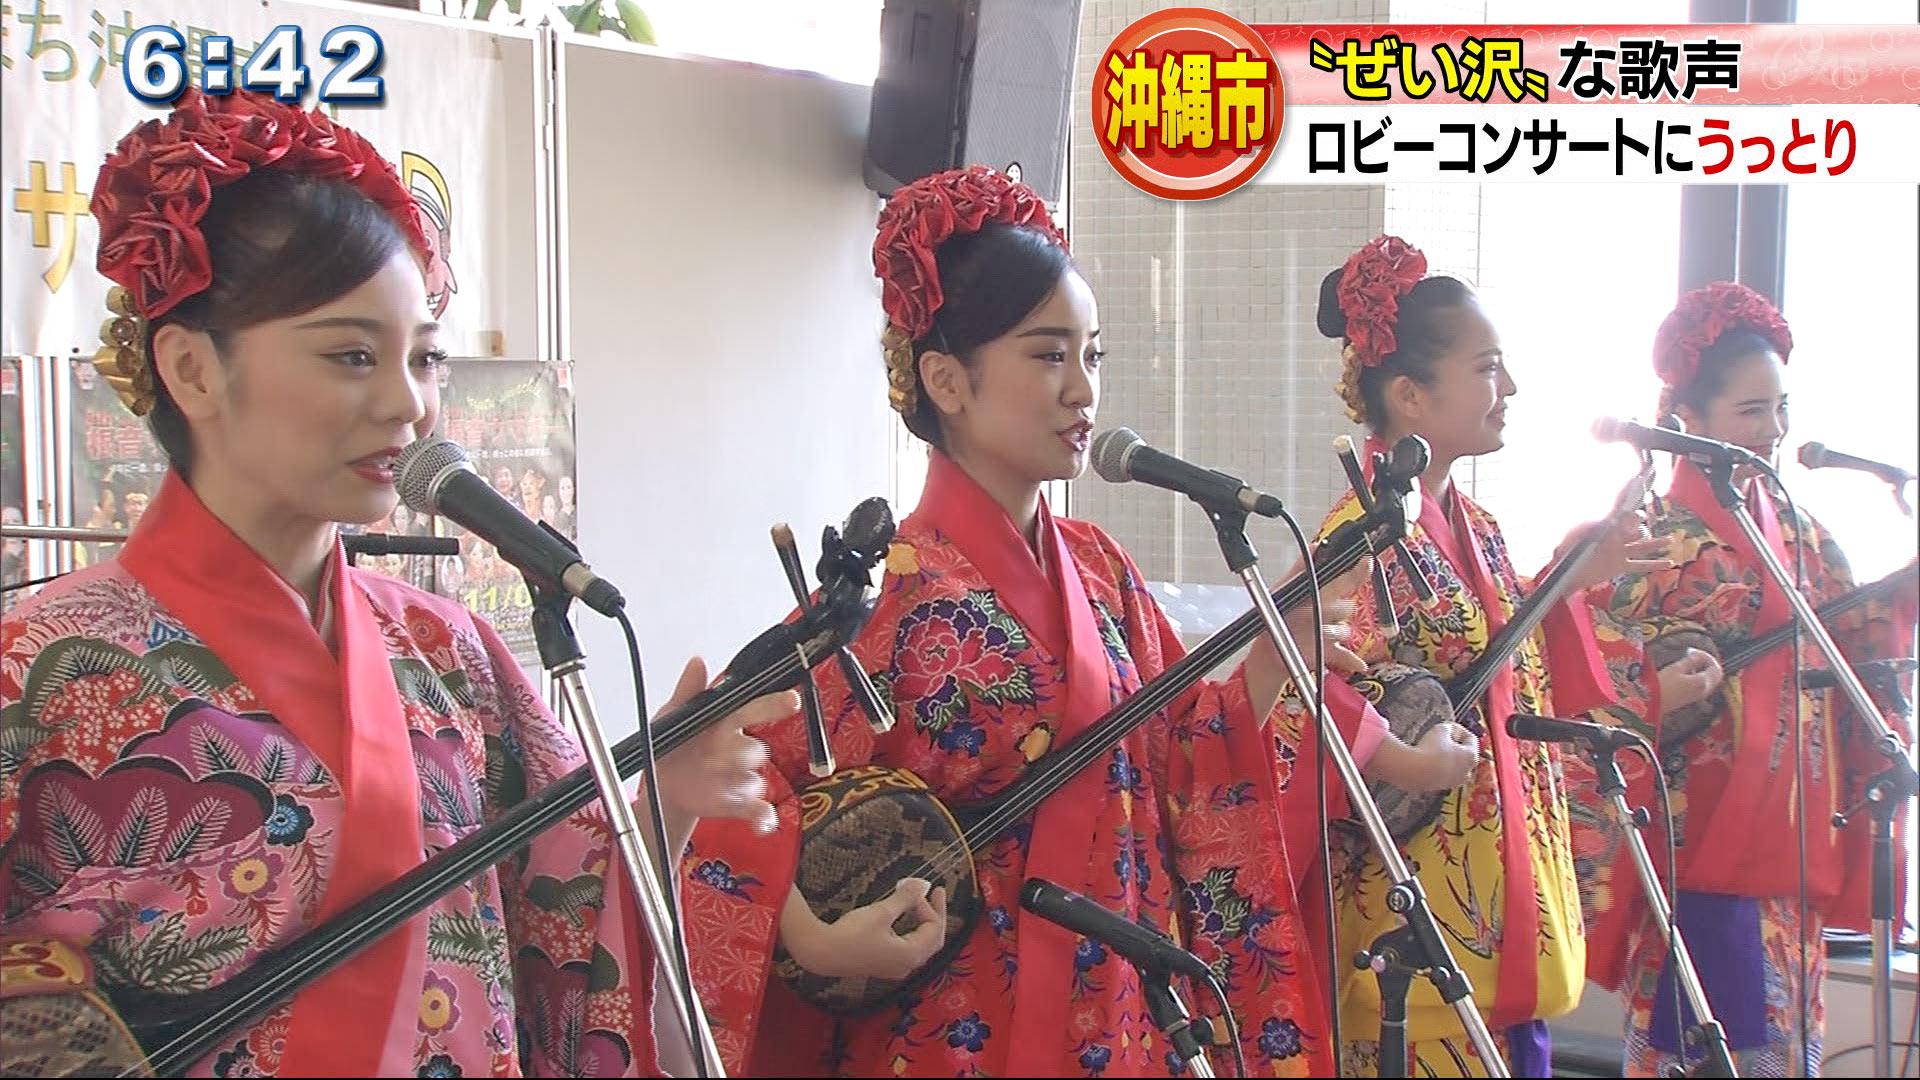 沖縄市役所でロビーコンサート「根音ウマチー」